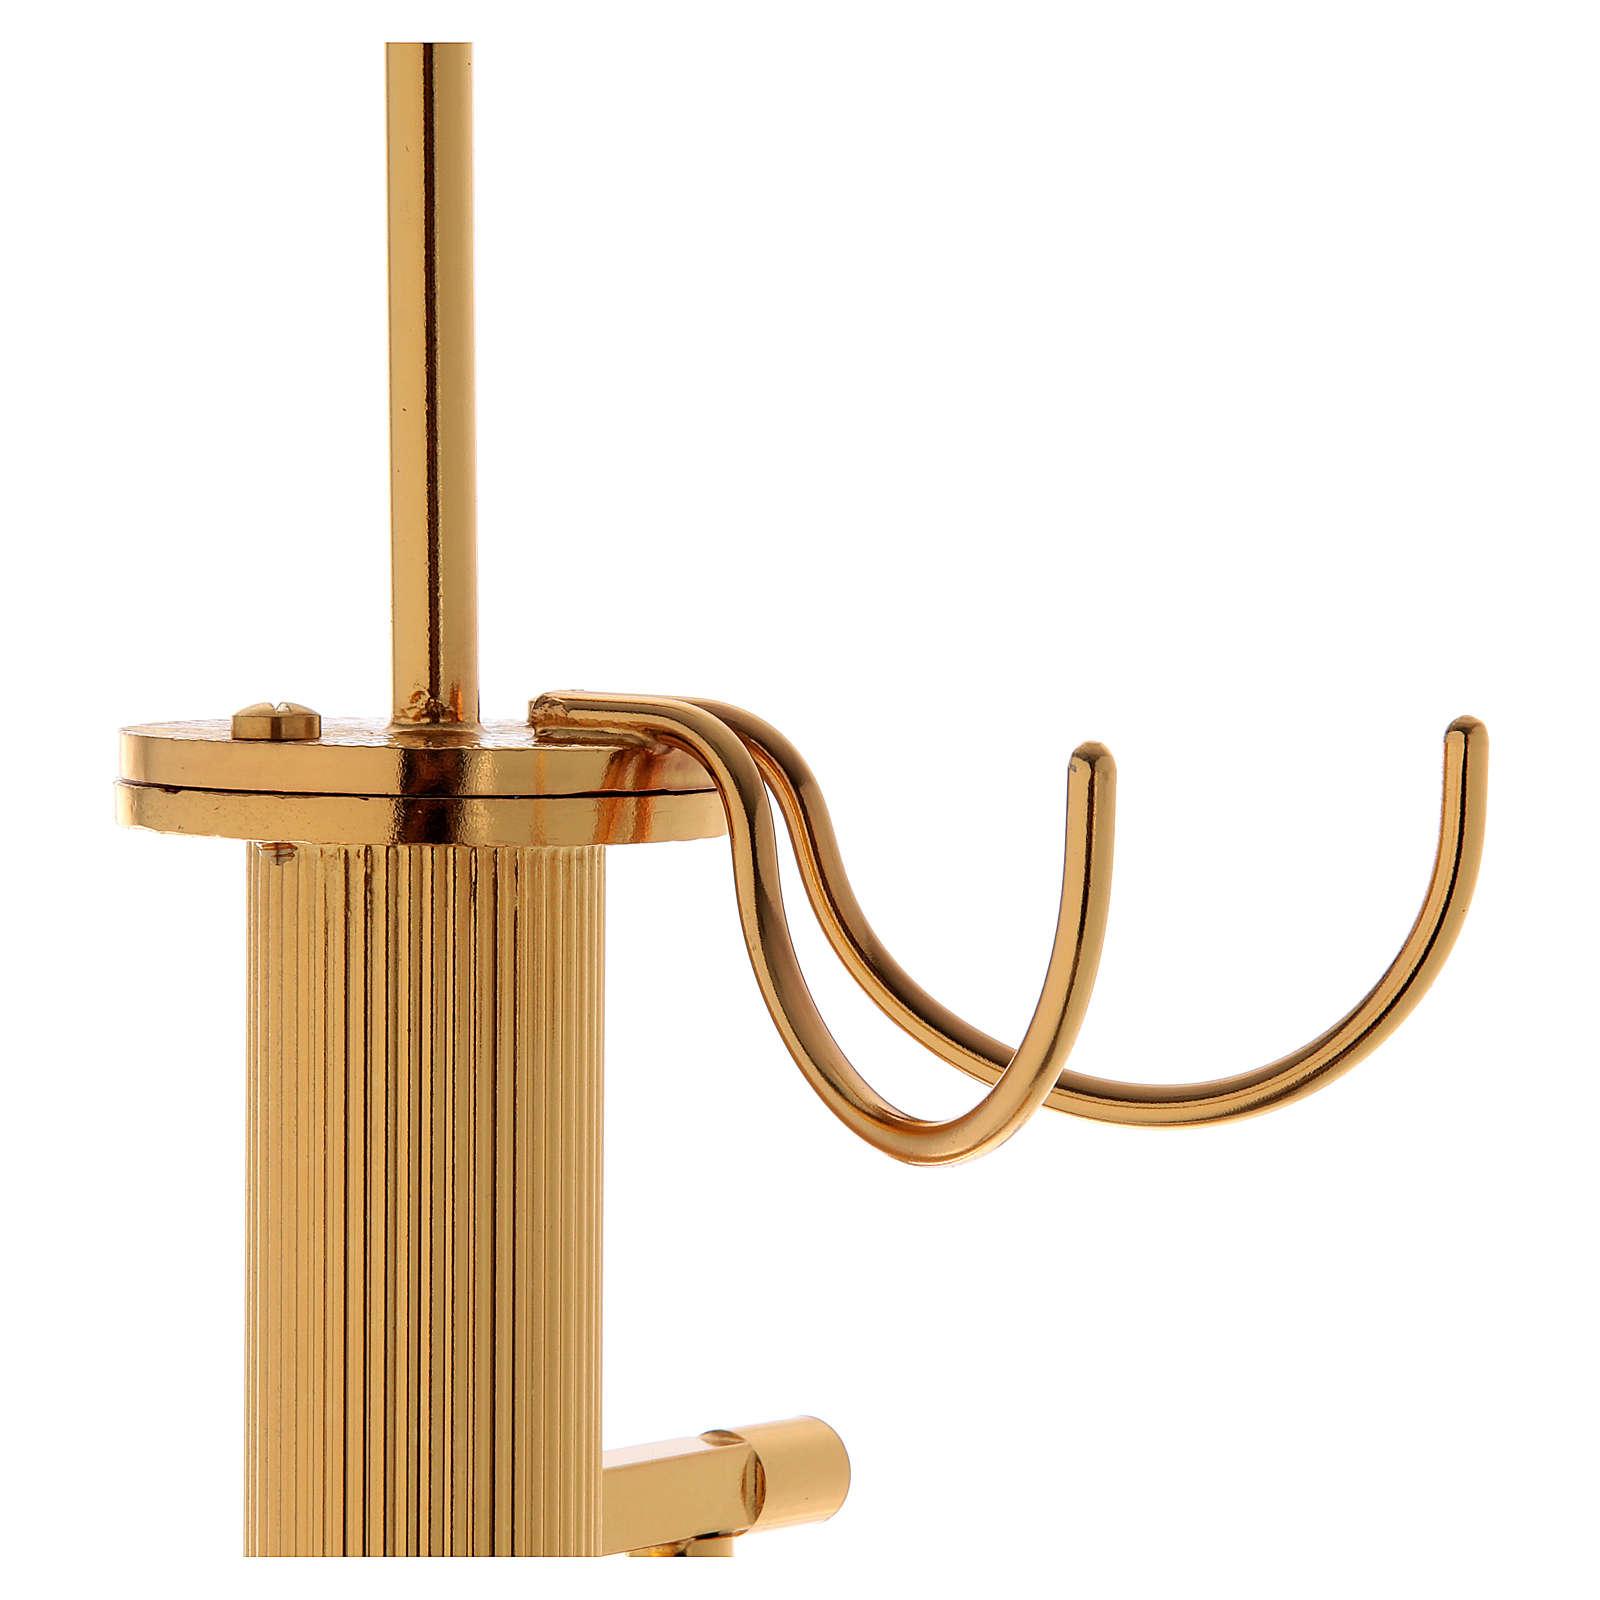 Censer holder in golden brass 3